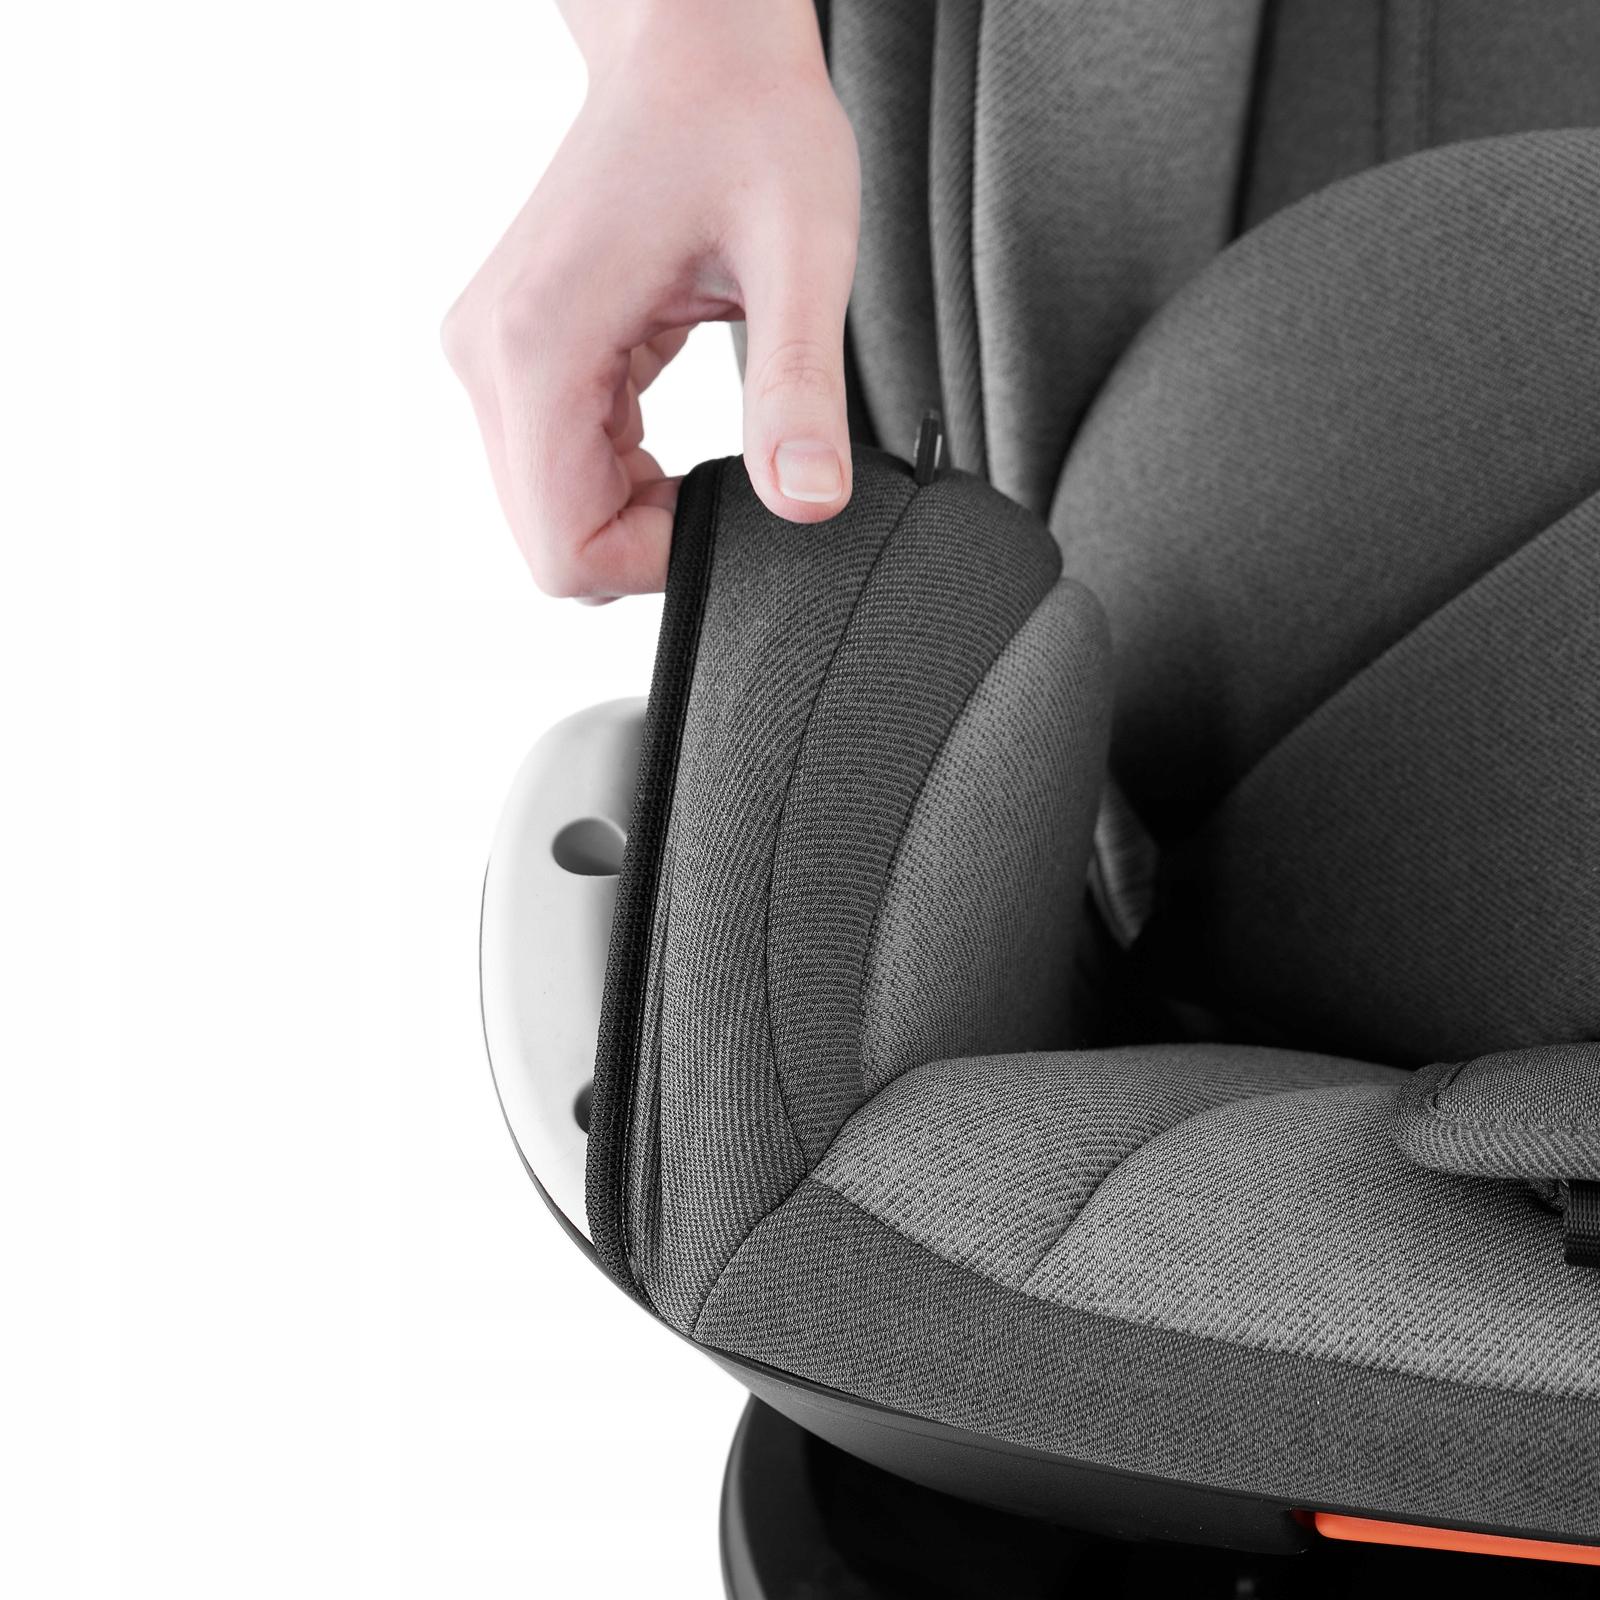 Fotelik Samochodowy 936 isofix Kinderkraft Oneto3 Informacje dodatkowe Isofix Regulacja pozycji dziecka Regulacja siedziska Regulacja zagłówka Zdejmowana tapicerka